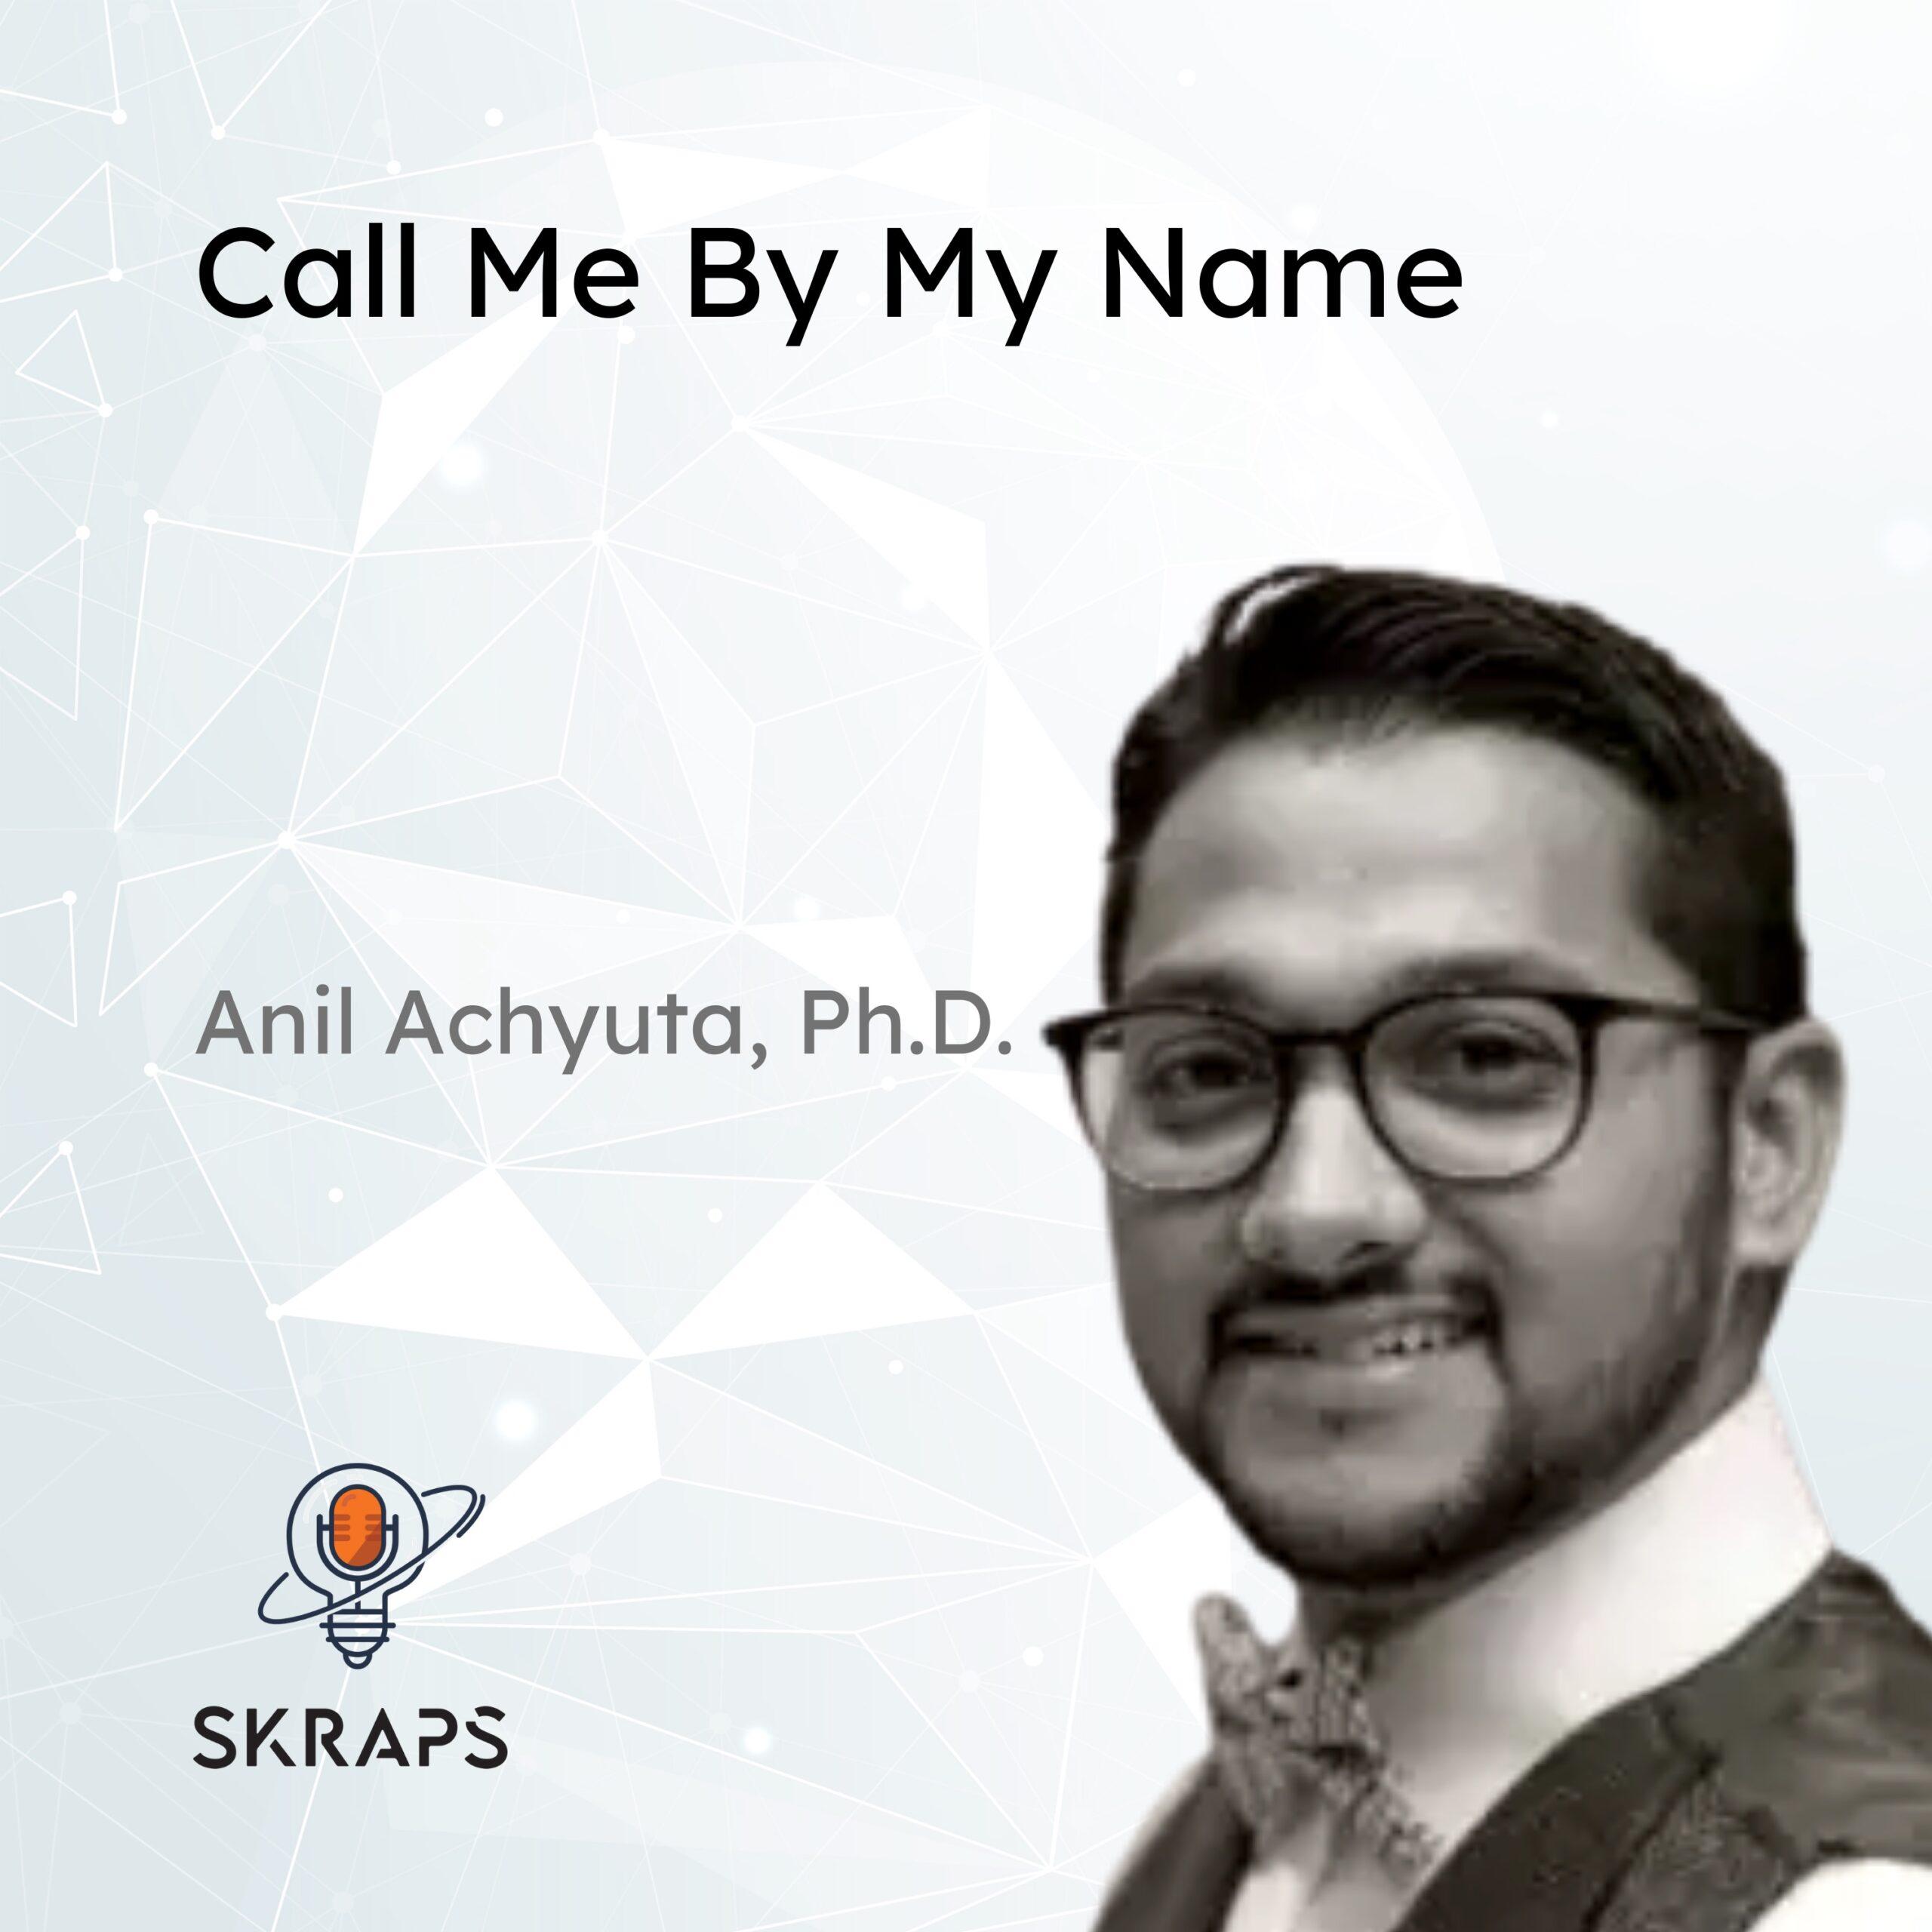 Anil Achyuta on Skraps